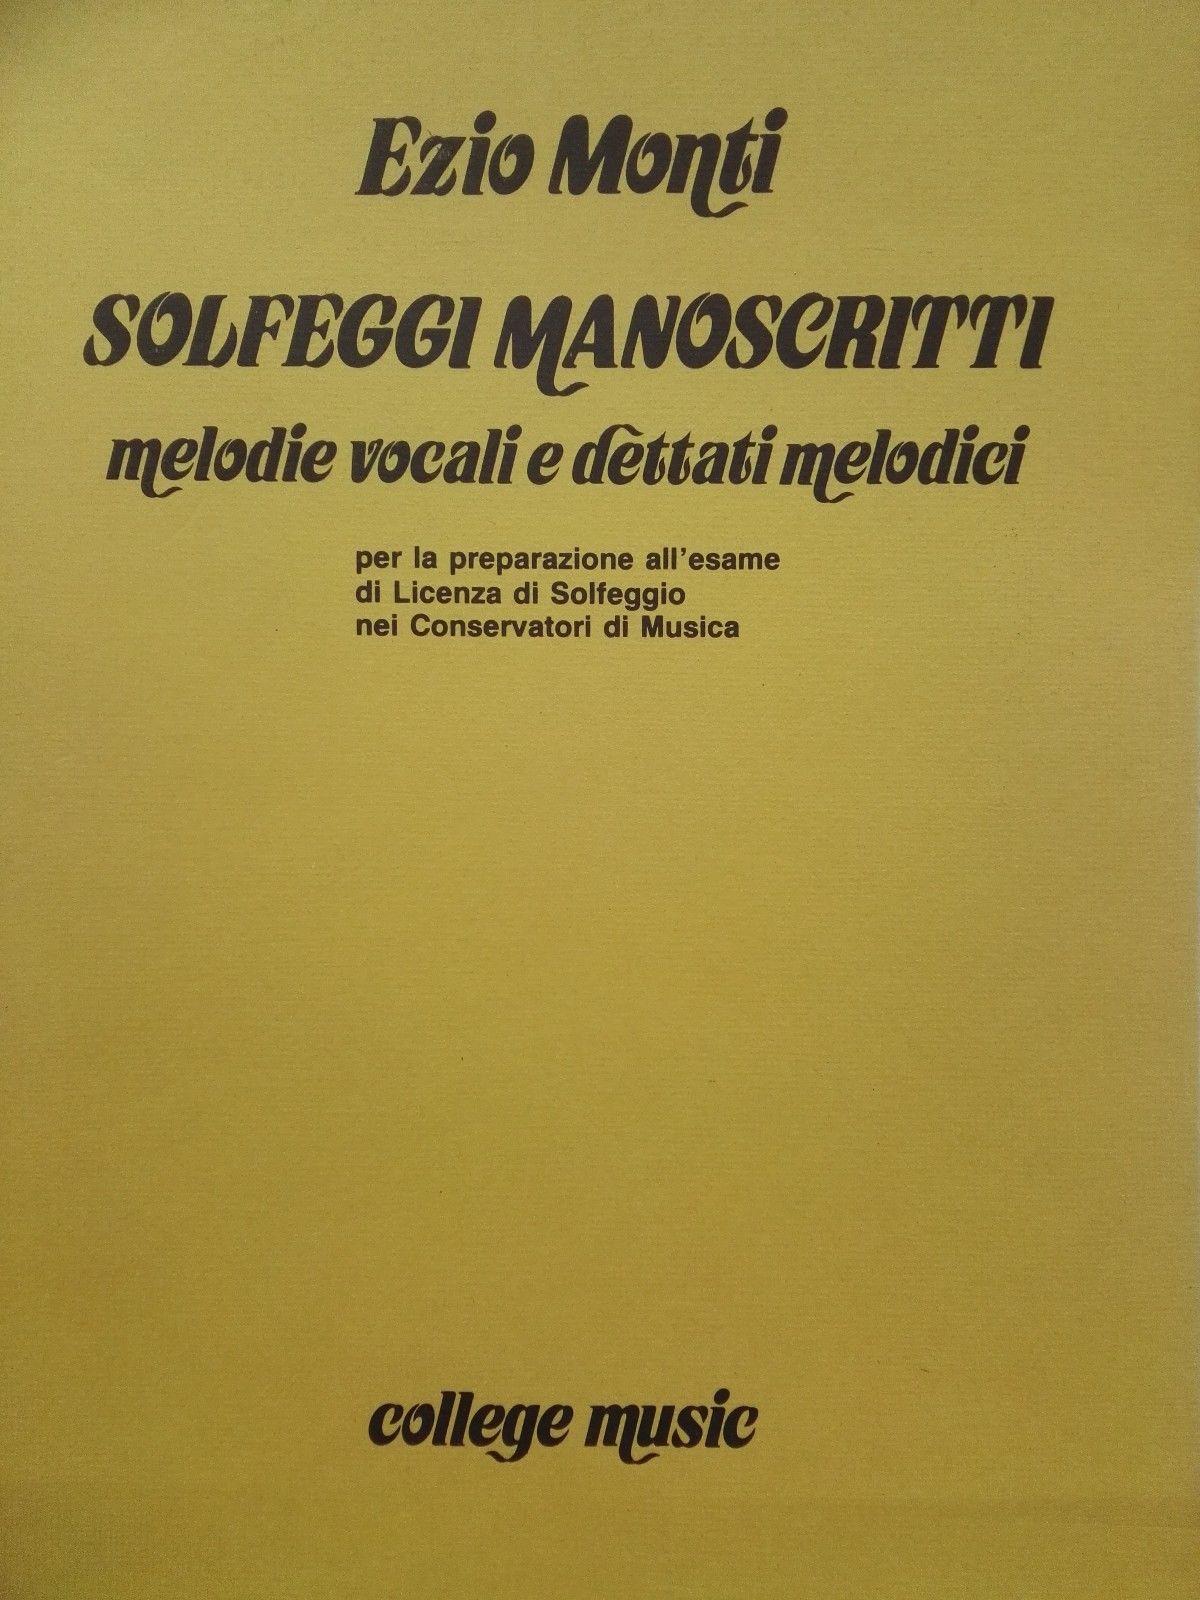 COLLEGE MUSIC Solfeggi manoscritti melodie vocali e dettati melodici - MONTI